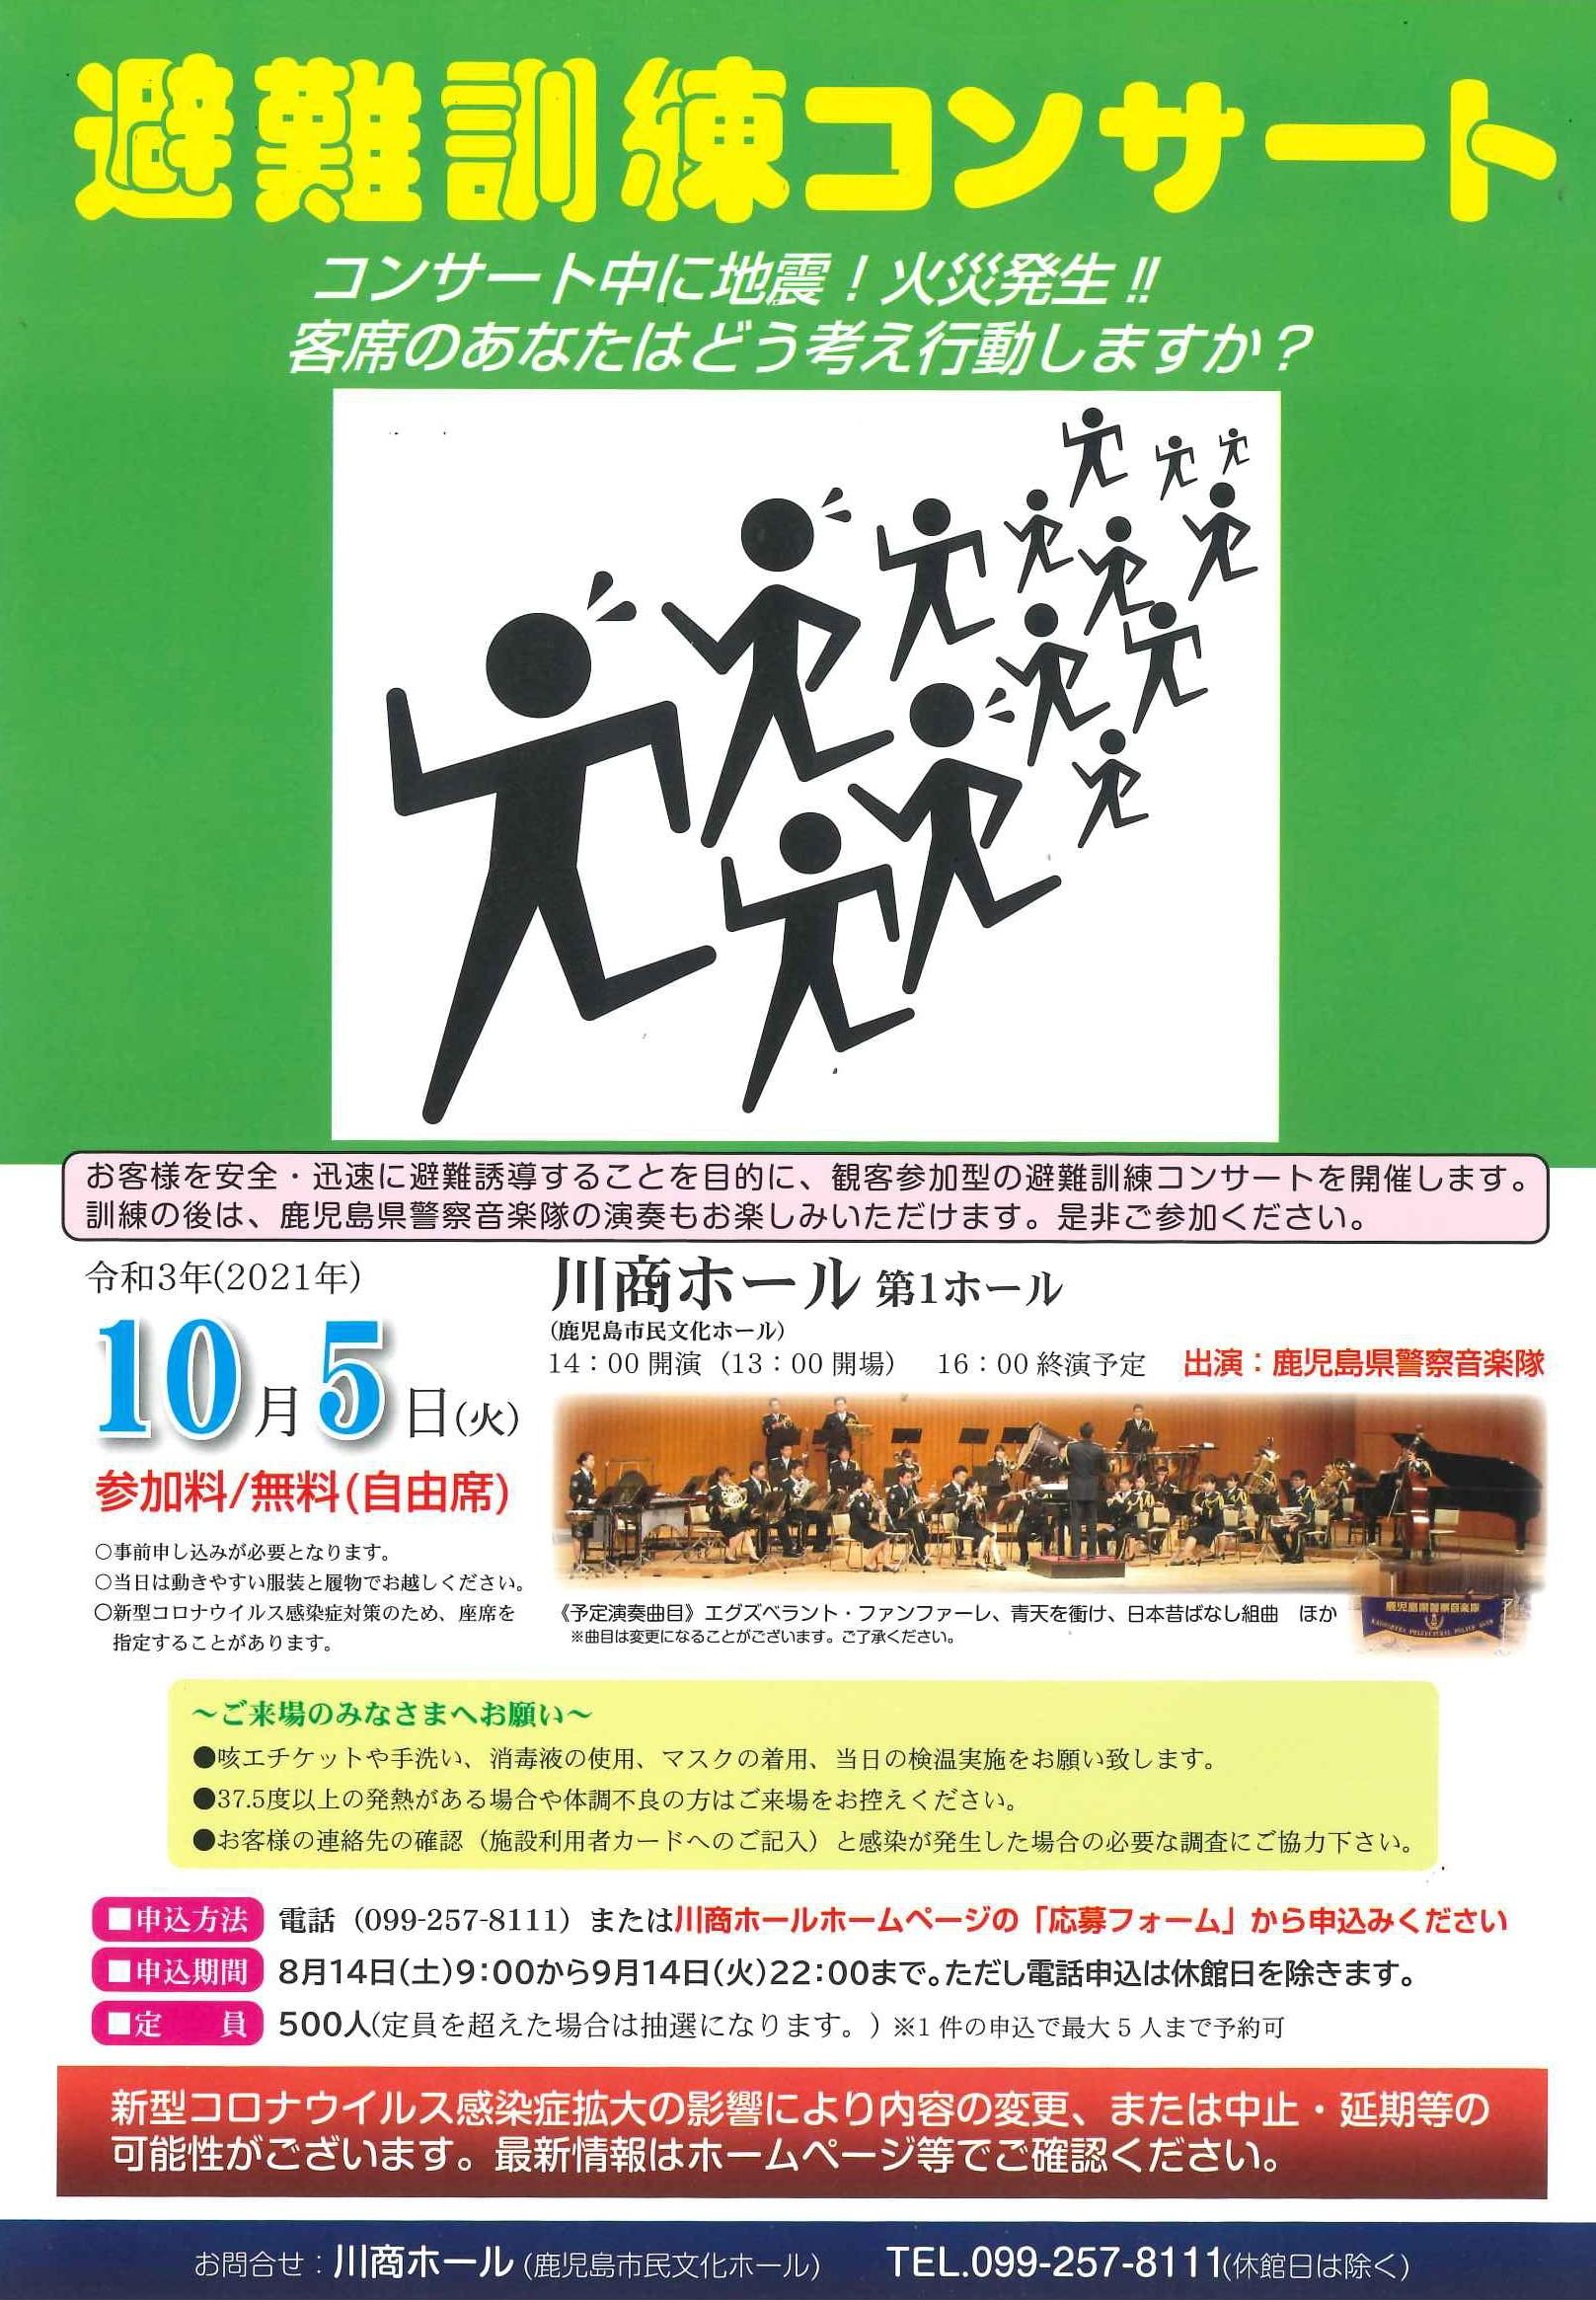 避難訓練コンサート 《募集期間:8月14日(土)~9月14日(火)》